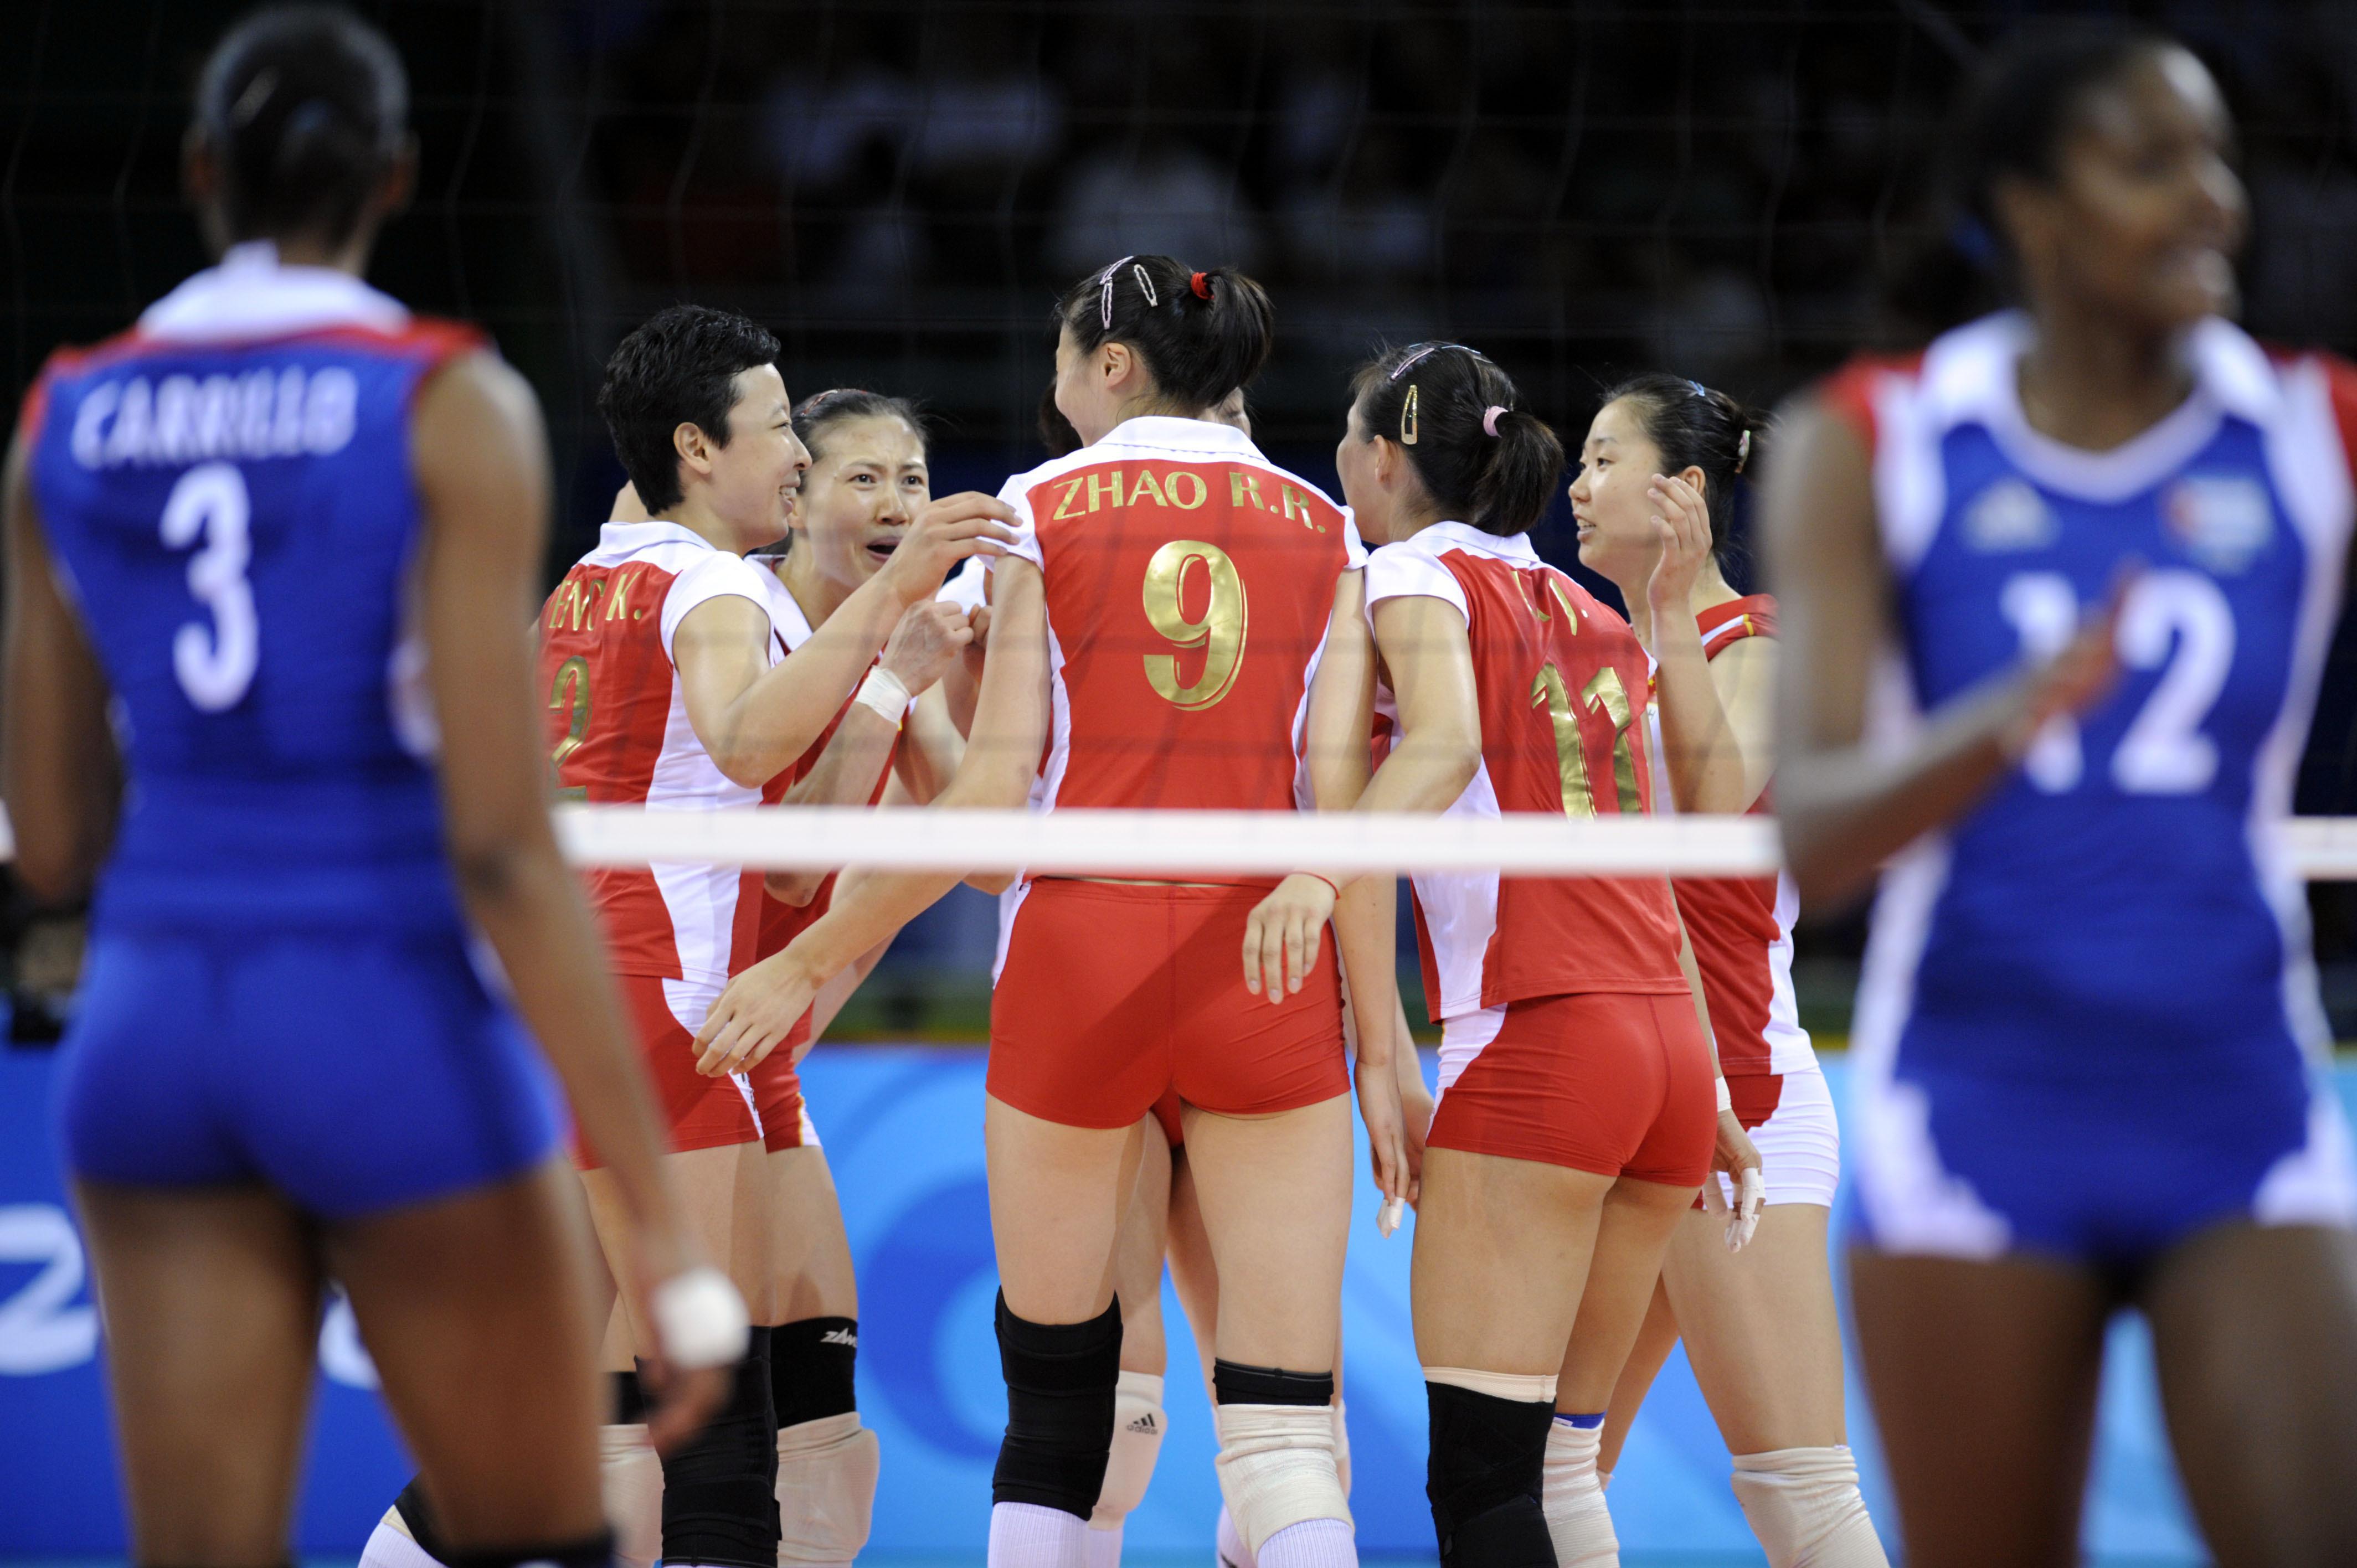 中国队获得铜牌 2008年8月23日,中国队球员(中)庆祝得分。当日,在北京奥运会女排铜牌争夺战中,中国队以3比1战胜古巴队,获得铜牌。 新华社记者王建华摄